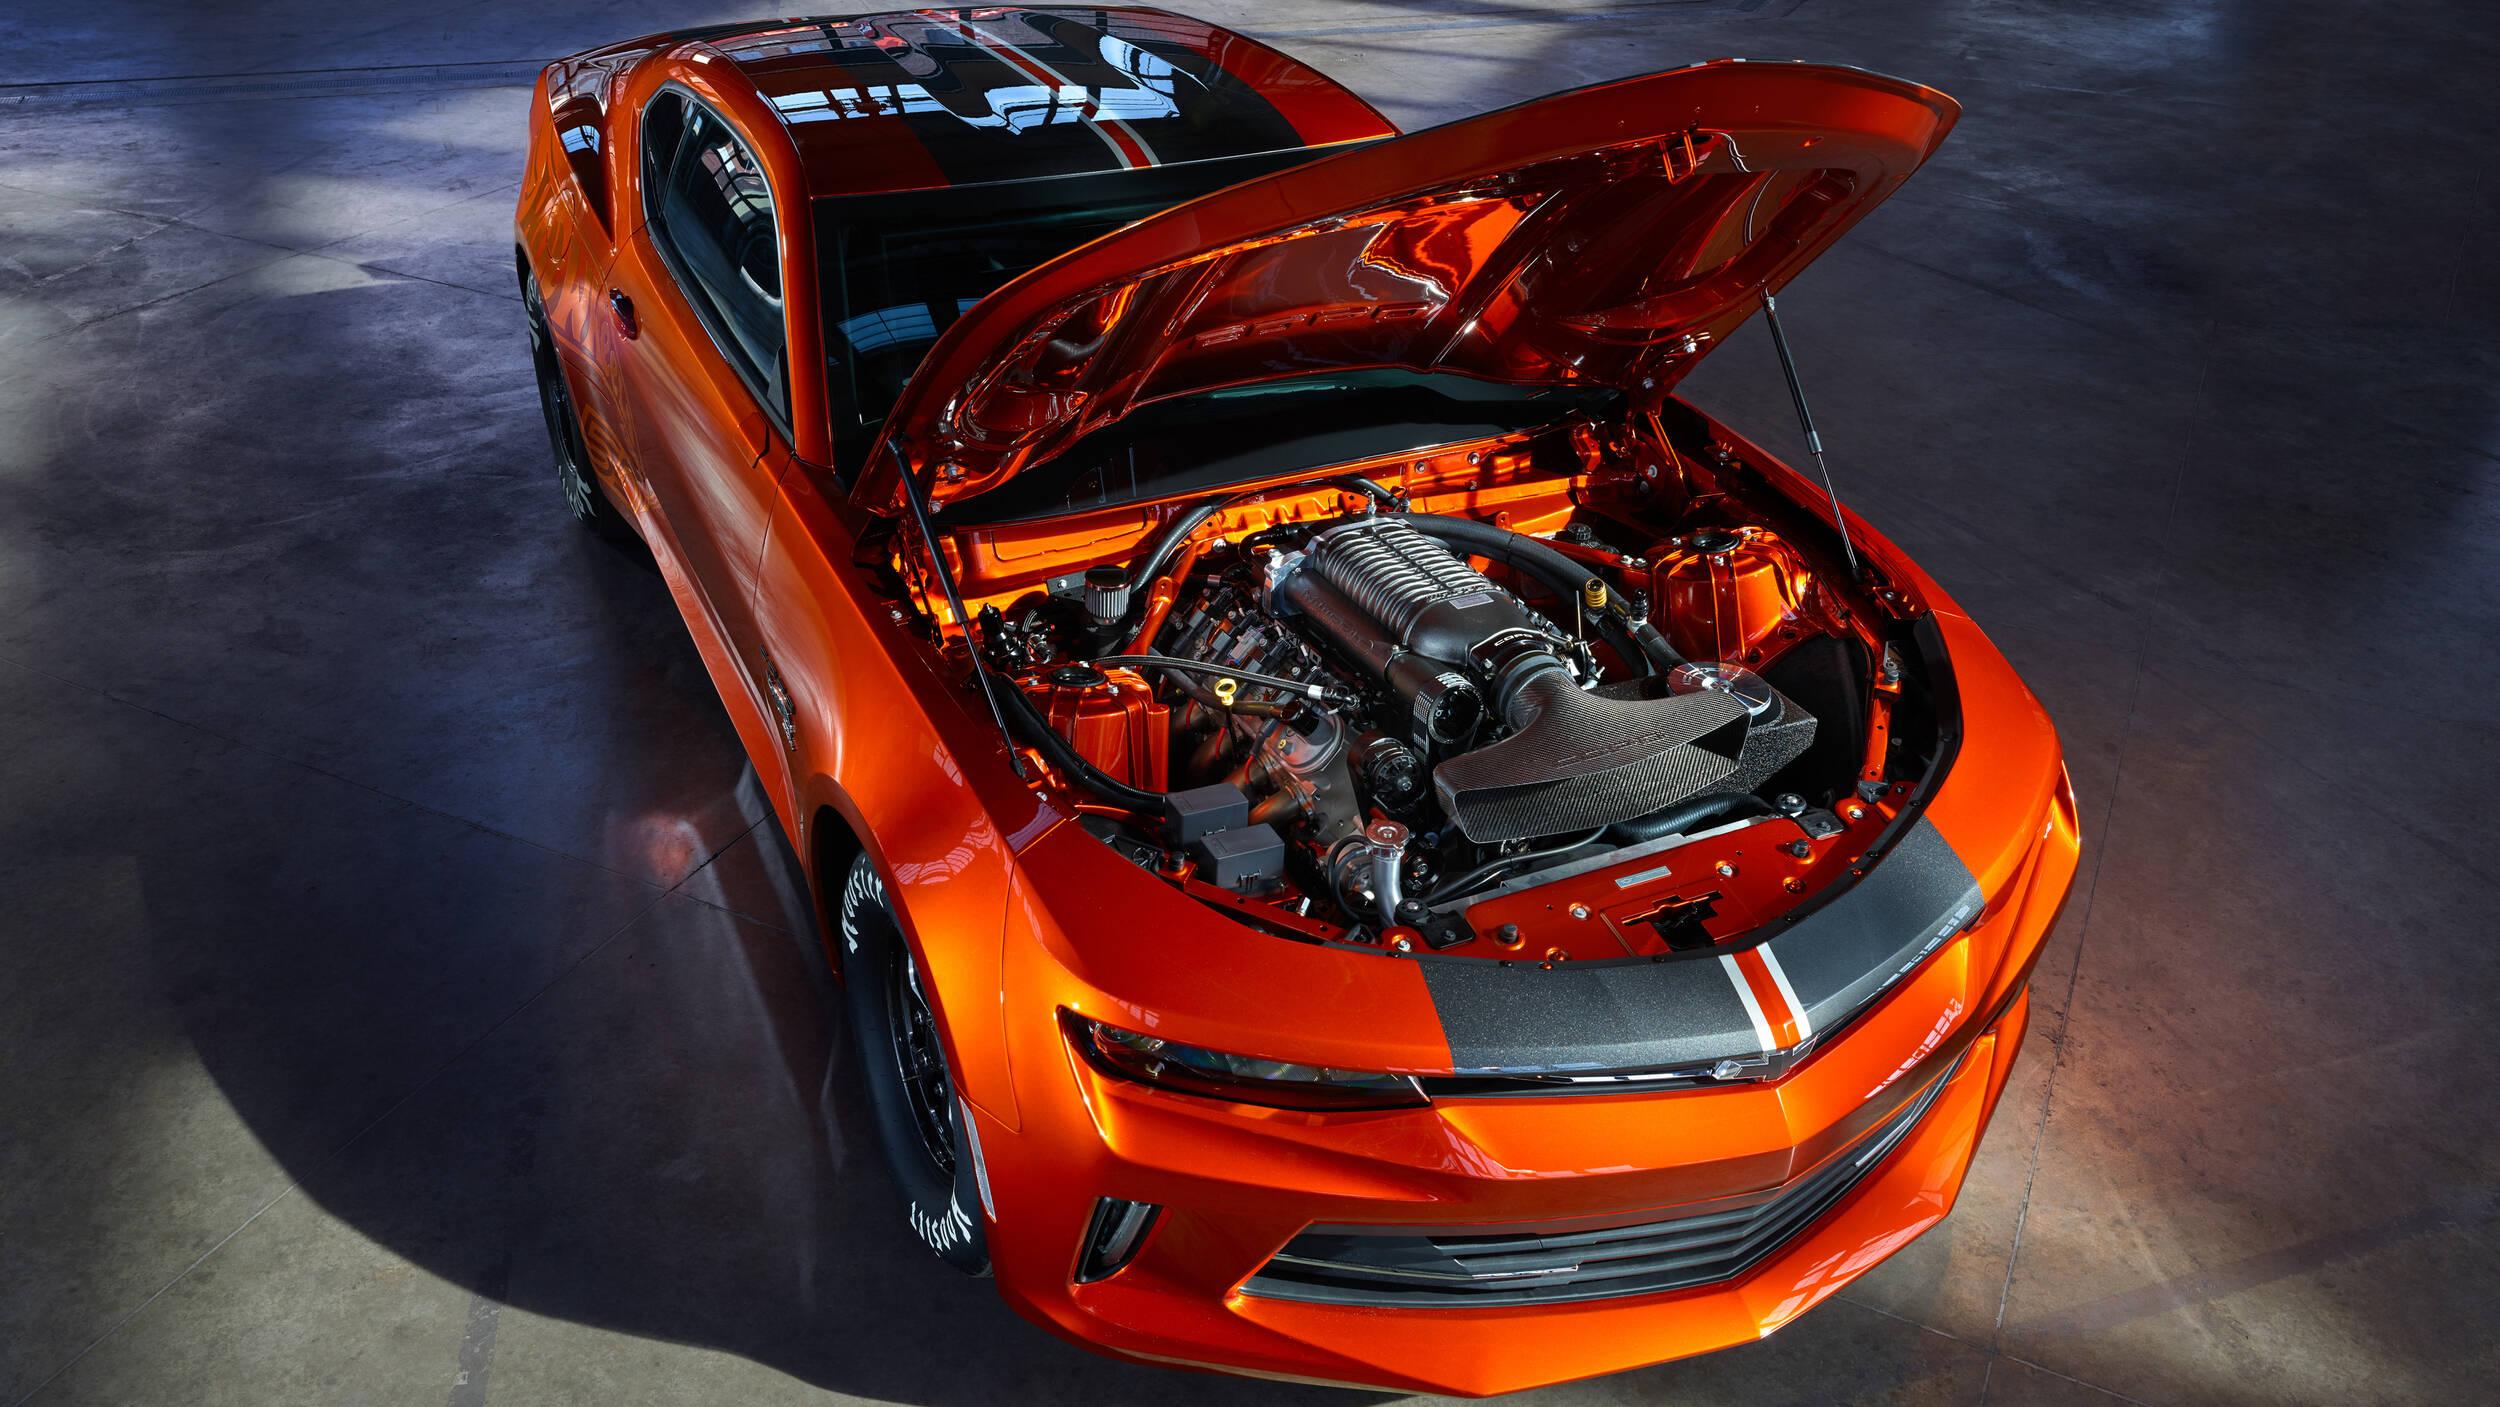 Chevrolet Camaro Hot Wheels 2018. Foto: Divulgação